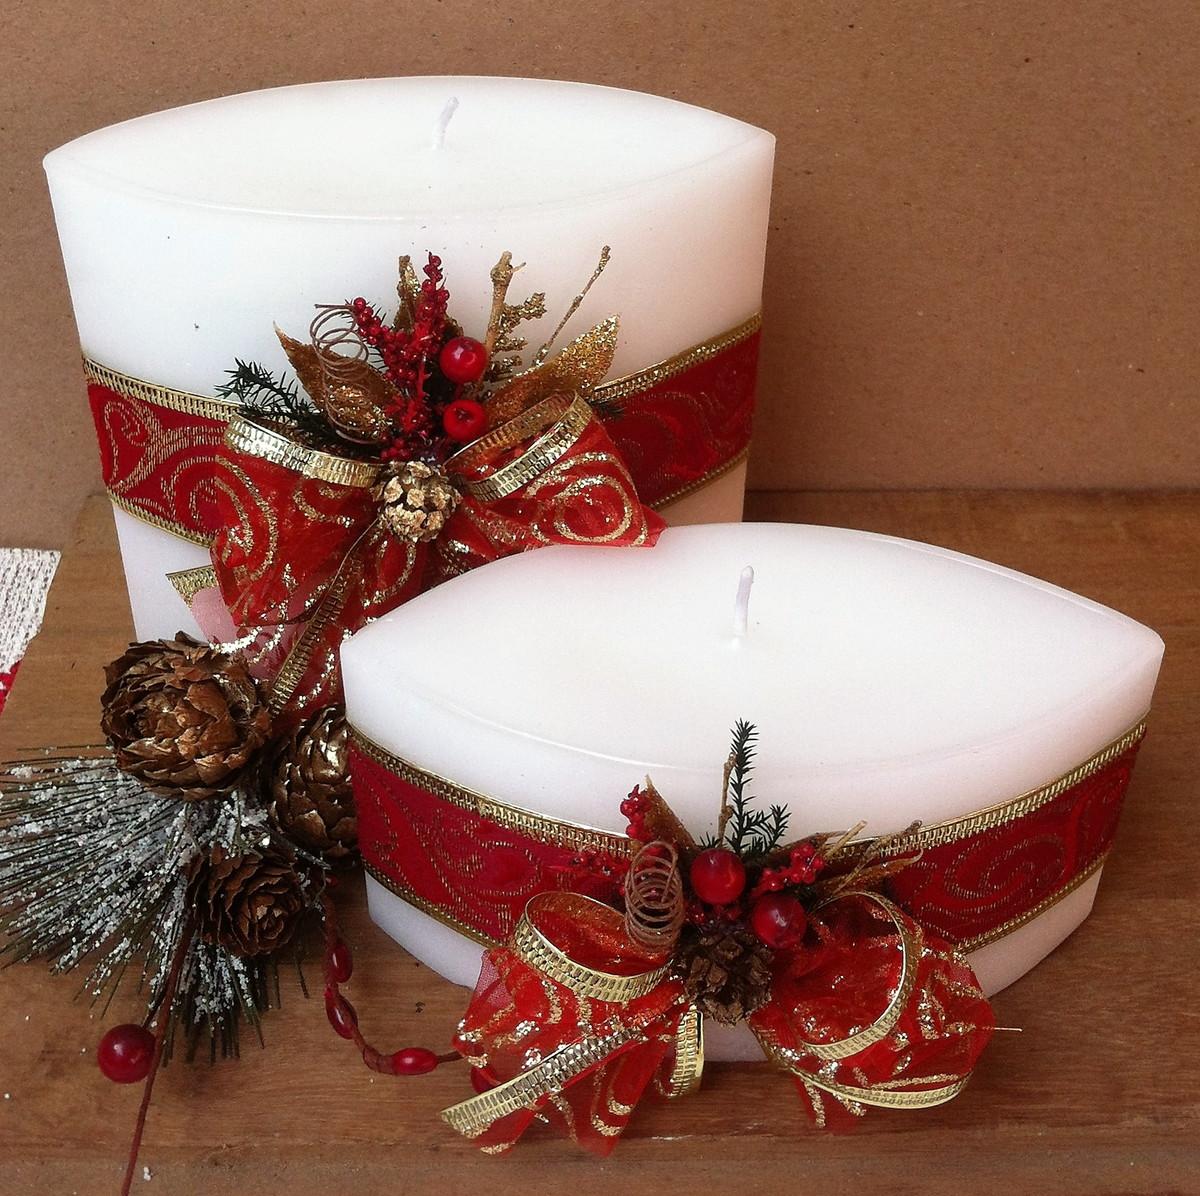 Velas ovais decoradas natal no elo7 essencialart 83012e - Velas de navidad decoradas ...